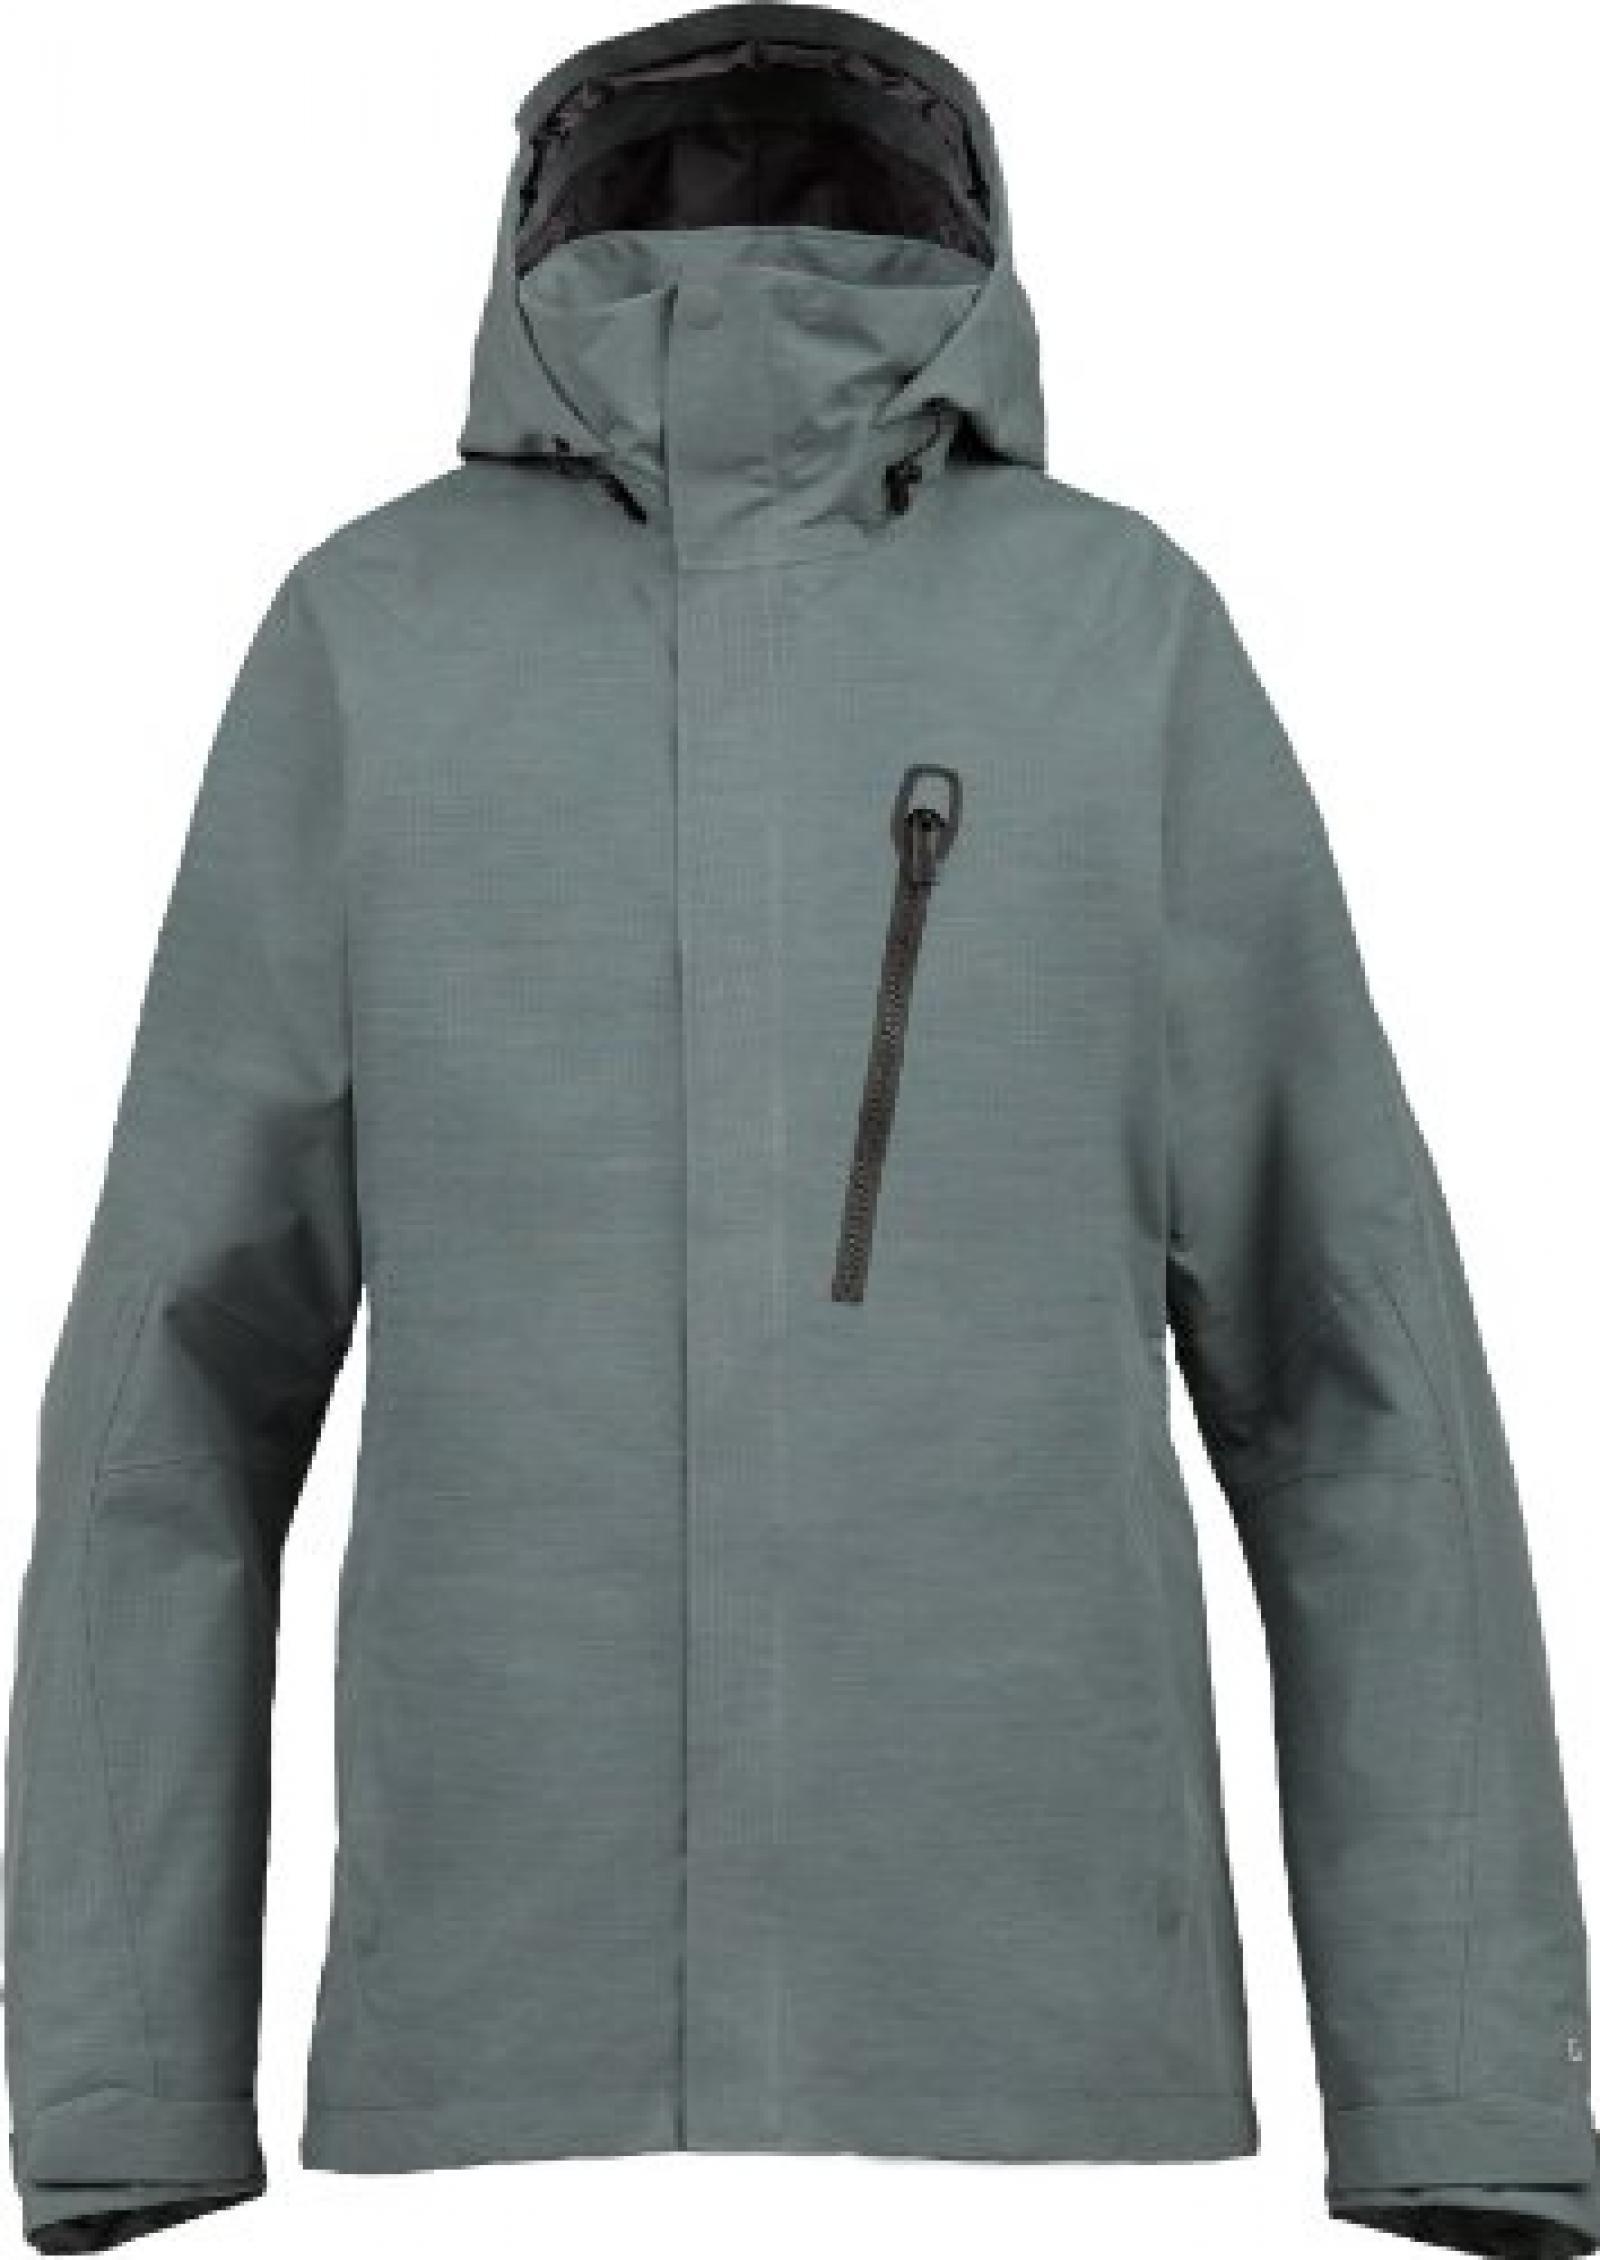 Burton Damen Jacke AK 2L Altitude Jacket